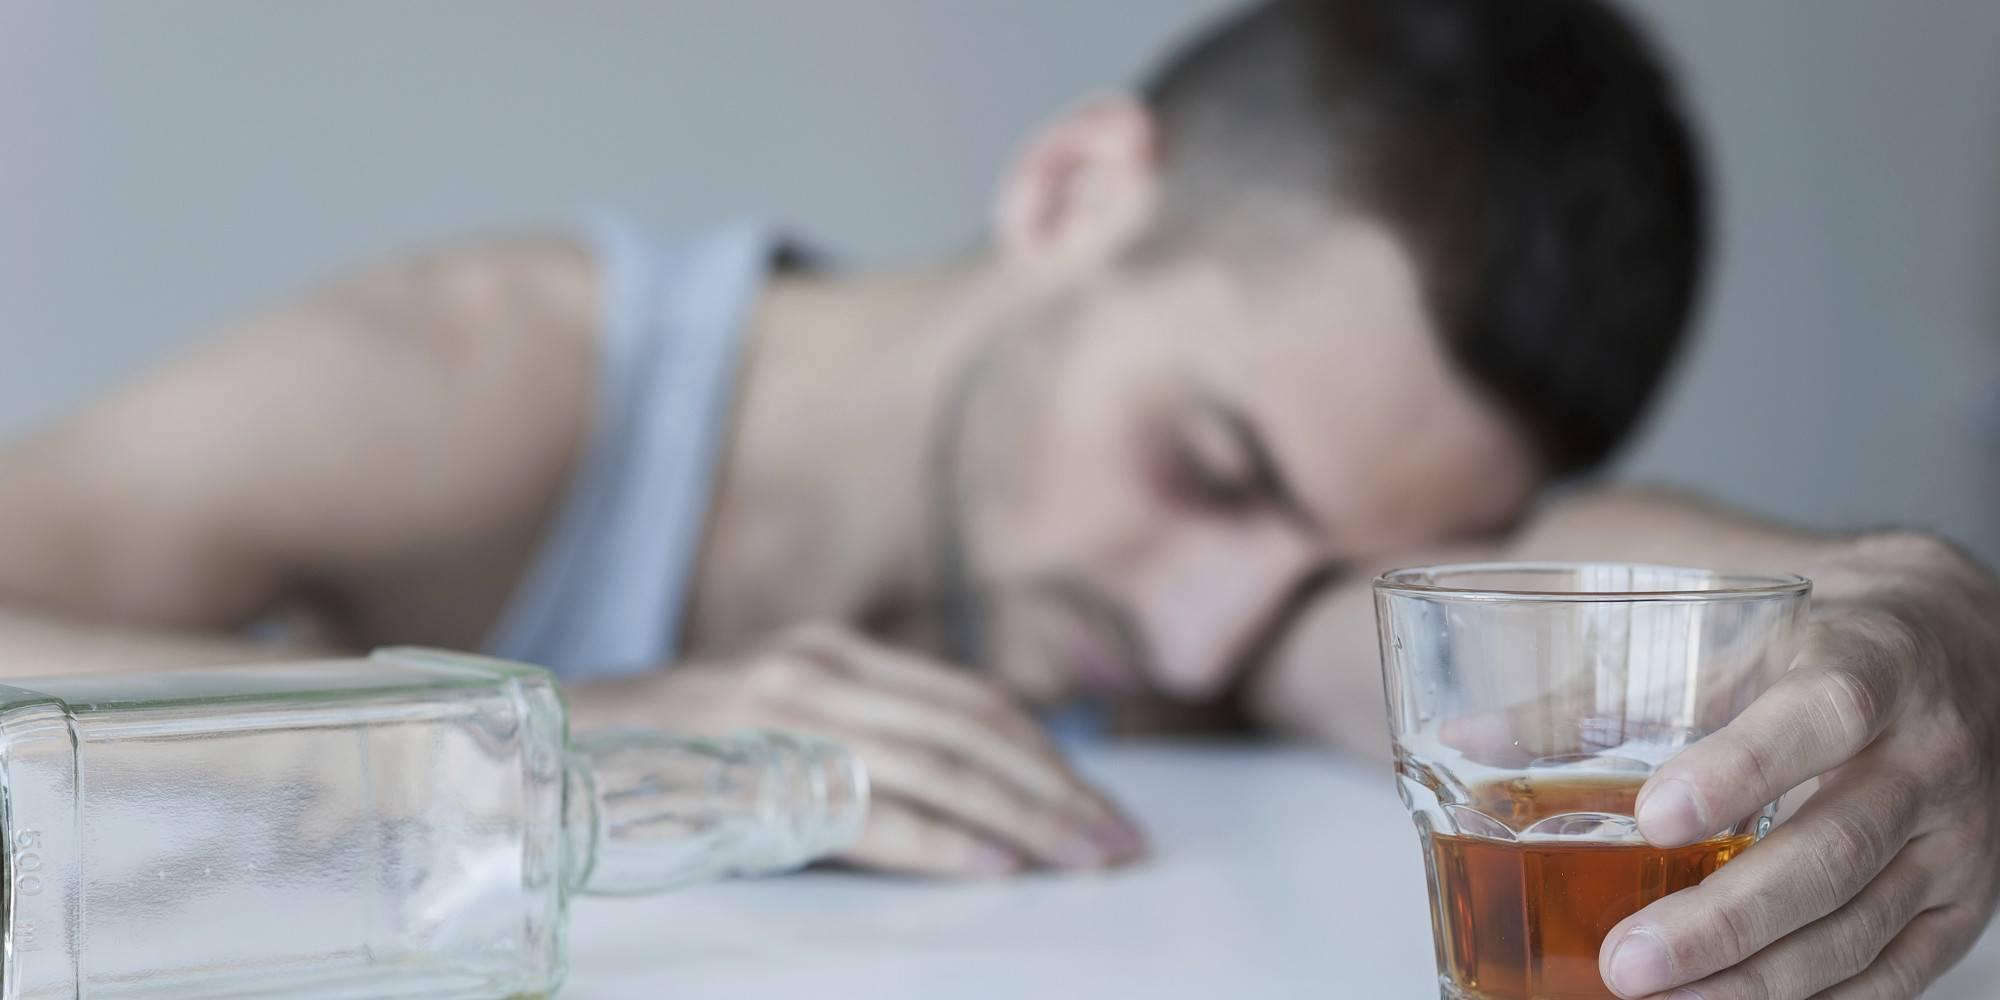 Как уснуть после алкоголя